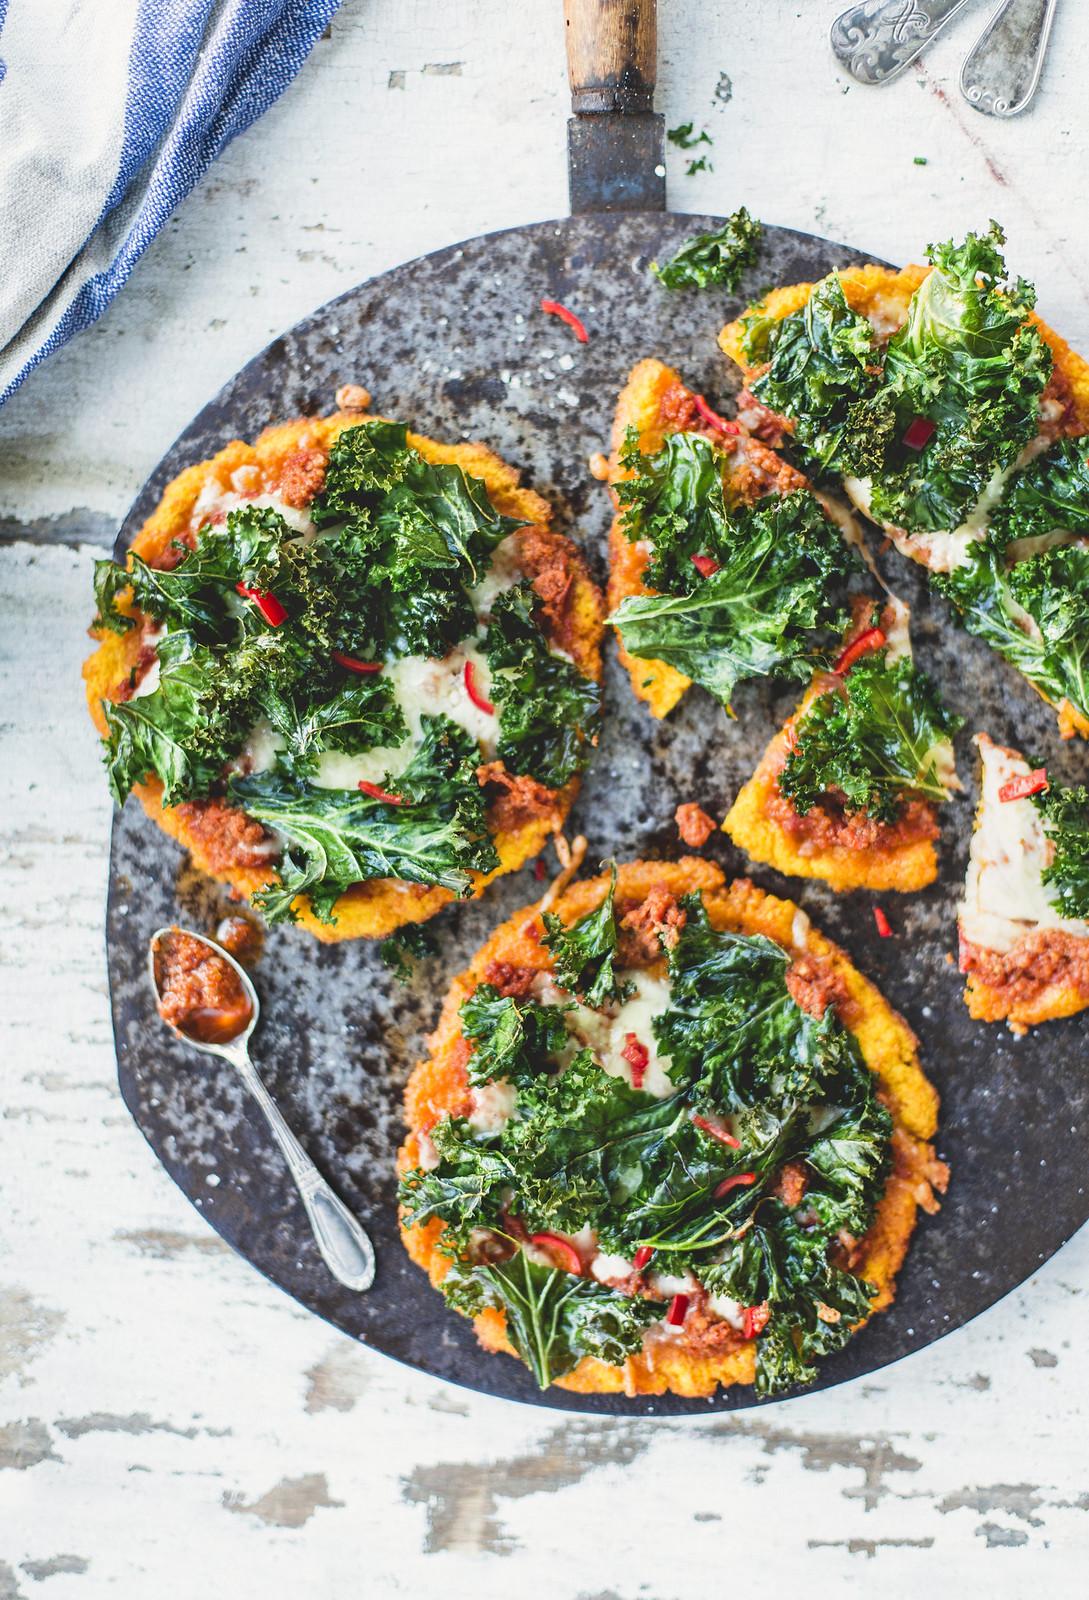 Sötpotatispizza med grönkål - Evelinas Ekologiska